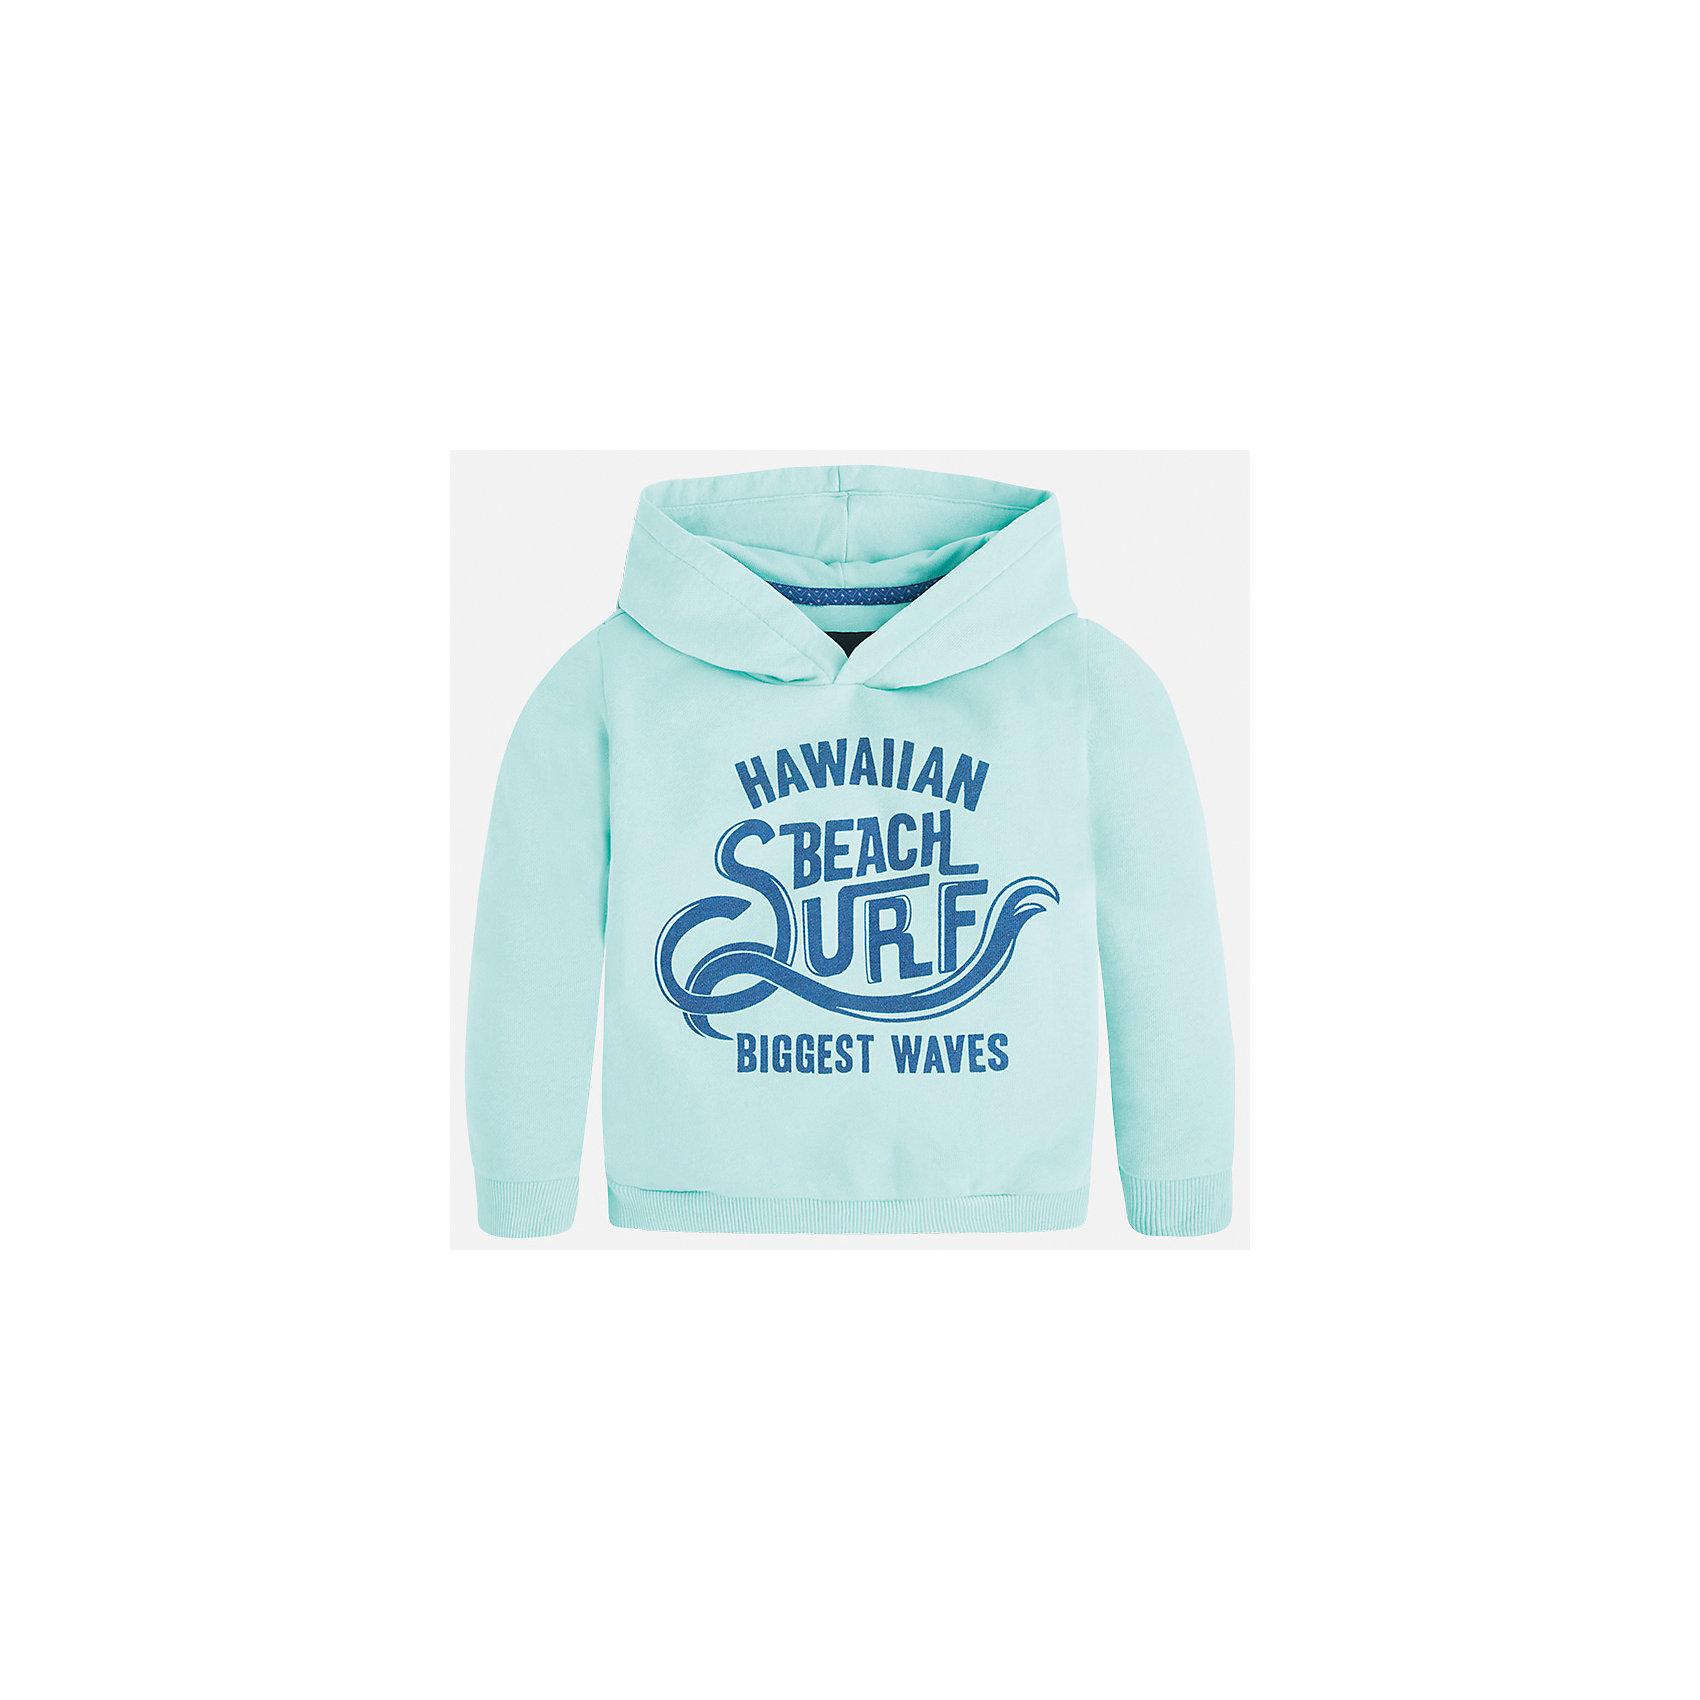 Толстовка для мальчика MayoralЛови волну<br>Характеристики товара:<br><br>• цвет: зеленый<br>• состав: 80% хлопок, 20% полиэстер<br>• рукава длинные <br>• принт<br>• манжеты<br>• капюшон<br>• страна бренда: Испания<br><br>Теплая одежда может быть очень стильной! Удобный и красивый свитер для мальчика поможет разнообразить гардероб ребенка и обеспечить комфорт. Он отлично сочетается и с джинсами, и с брюками. Универсальный цвет позволяет подобрать к вещи низ различных расцветок. Интересная отделка модели делает её нарядной и оригинальной. В составе материала - натуральный хлопок, гипоаллергенный, приятный на ощупь, дышащий.<br><br>Одежда, обувь и аксессуары от испанского бренда Mayoral полюбились детям и взрослым по всему миру. Модели этой марки - стильные и удобные. Для их производства используются только безопасные, качественные материалы и фурнитура. Порадуйте ребенка модными и красивыми вещами от Mayoral! <br><br>Свитер для мальчика от испанского бренда Mayoral (Майорал) можно купить в нашем интернет-магазине.<br><br>Ширина мм: 190<br>Глубина мм: 74<br>Высота мм: 229<br>Вес г: 236<br>Цвет: зеленый<br>Возраст от месяцев: 24<br>Возраст до месяцев: 36<br>Пол: Мужской<br>Возраст: Детский<br>Размер: 98,104,92,128,134,122,116,110<br>SKU: 5272846